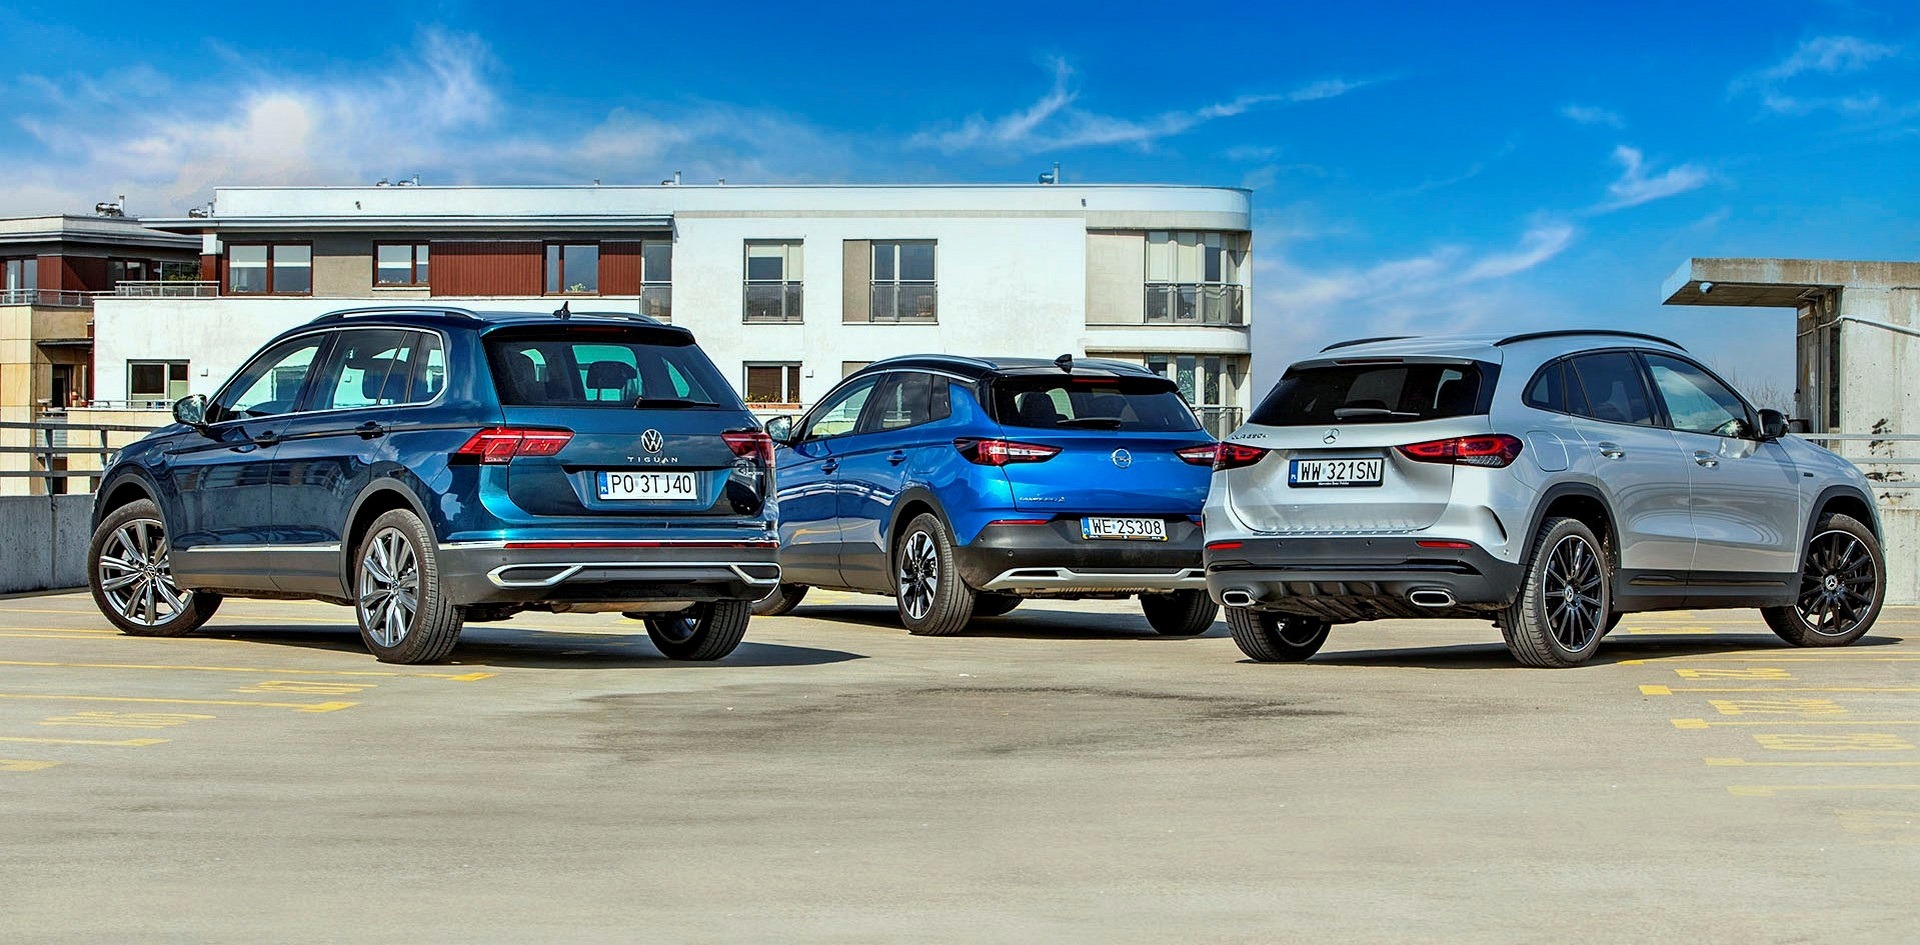 Mercedes GLA 250 e, Opel Grandland X 1.6 t Hybrid, VW Tiguan eHybrid - tyły